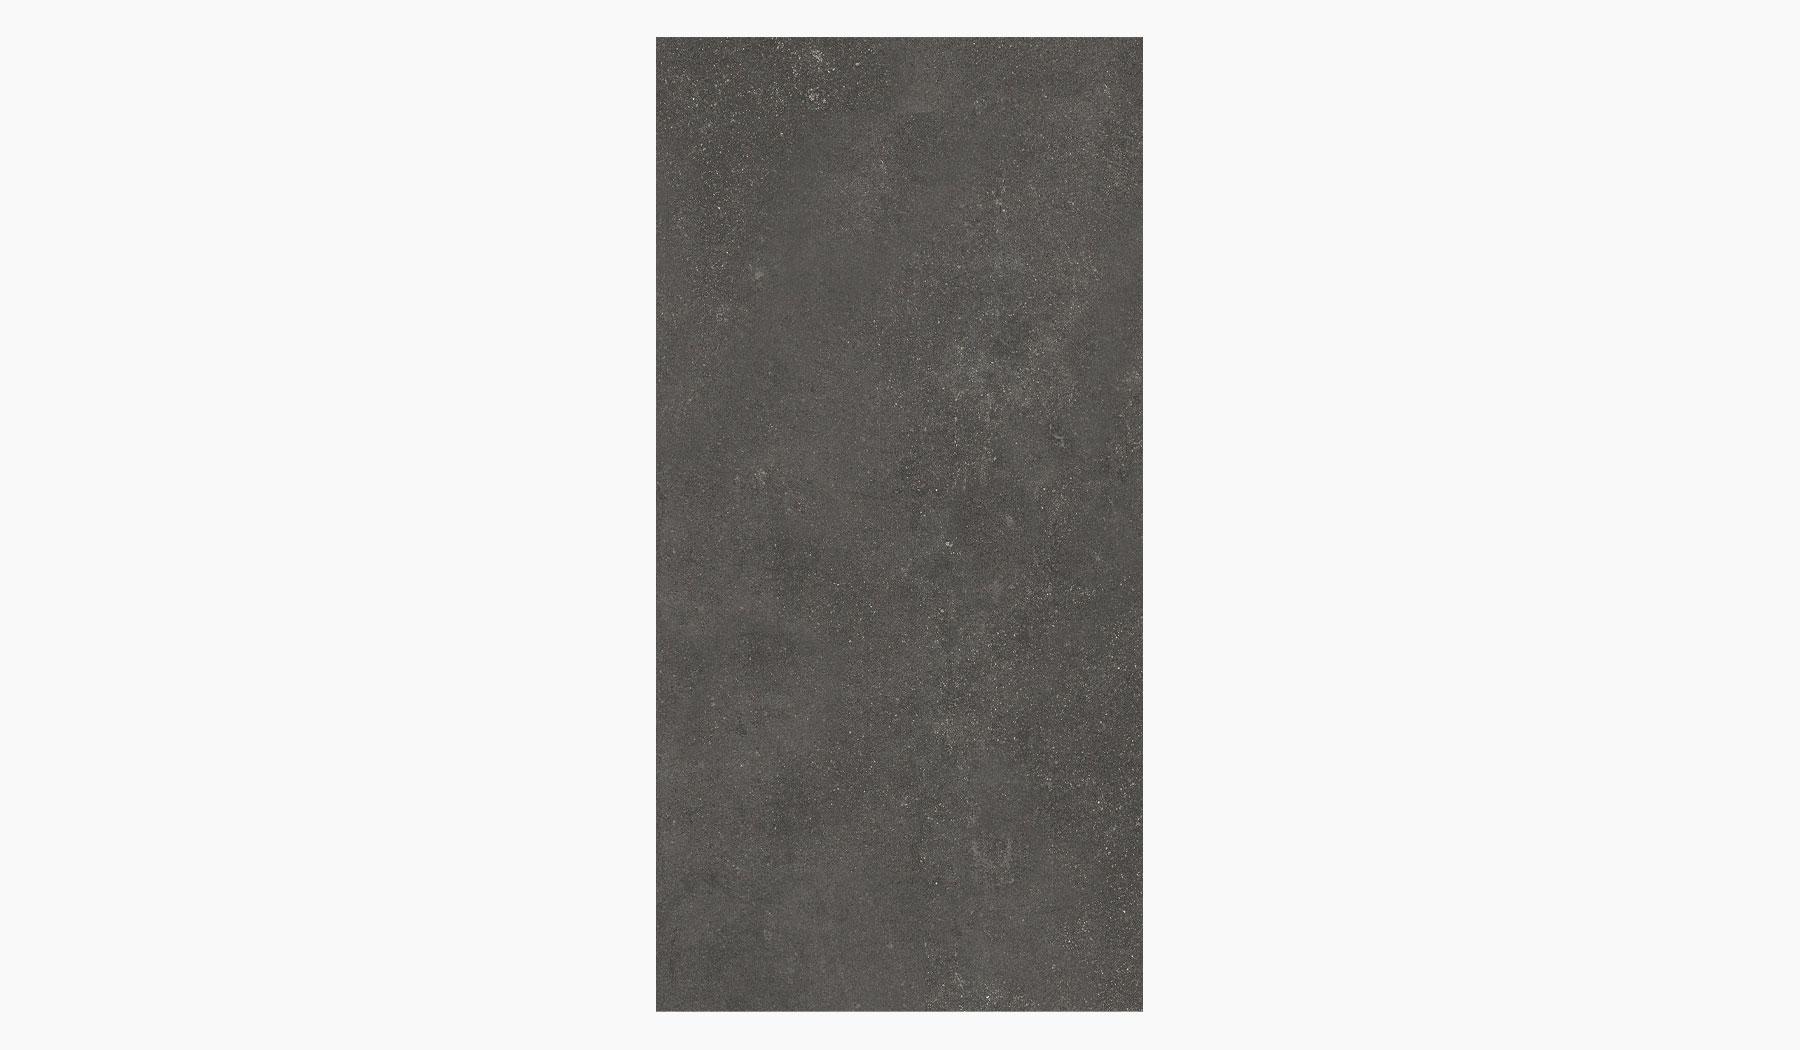 کاشی و سرامیک بوم سرامیک ، سرامیک پرسلان پلتفرم طوسی تیره سایز 60*120 لعاب مات صاف با زمینه سیمانی